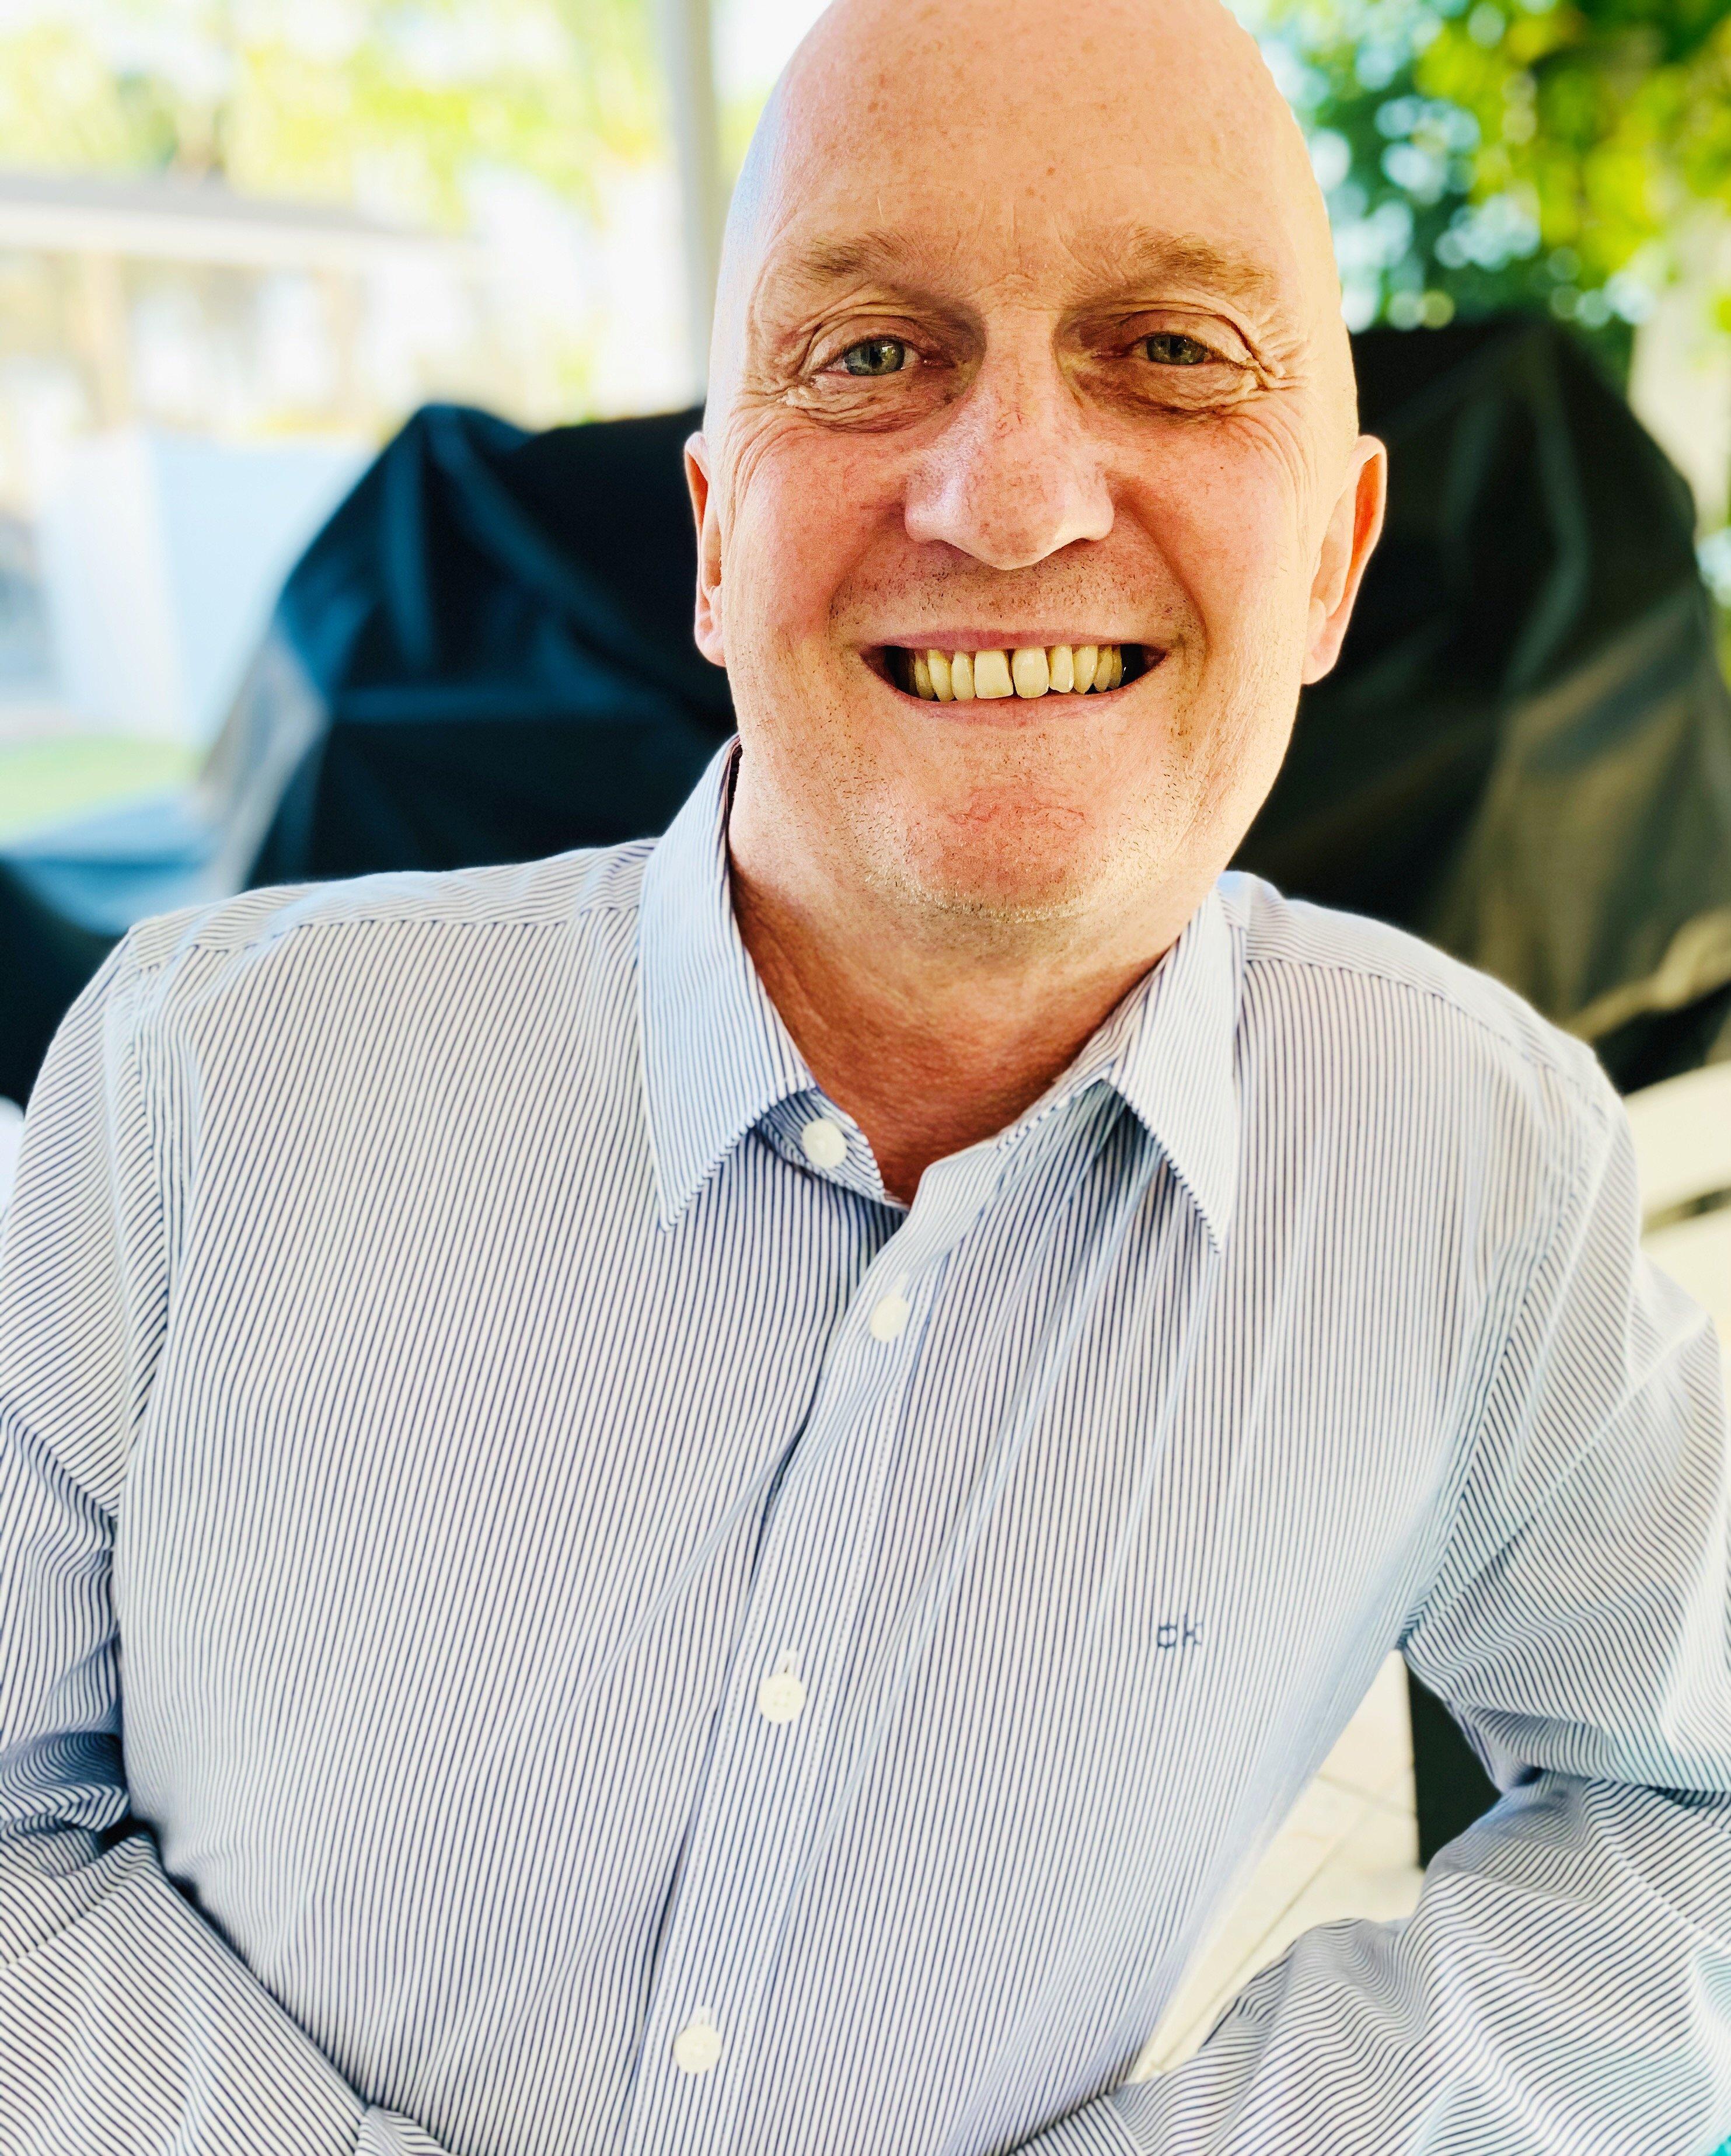 Ian Longstaff